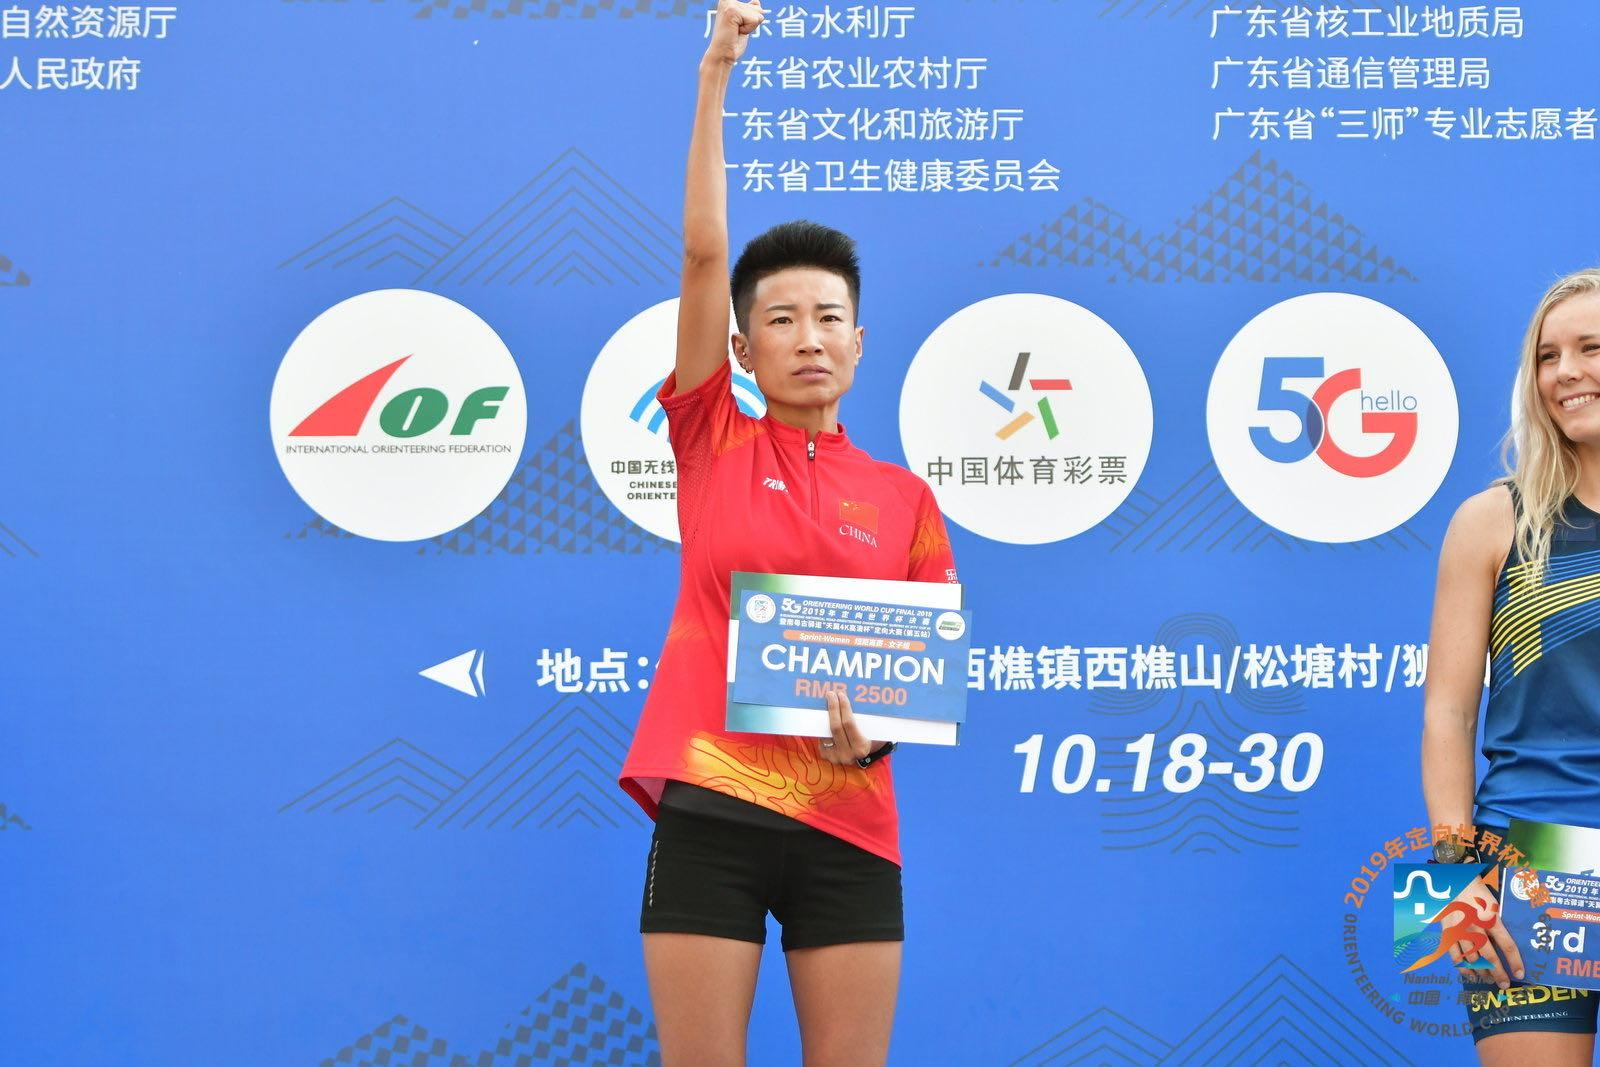 中國隊勇奪定向世界杯短距離女子組冠軍